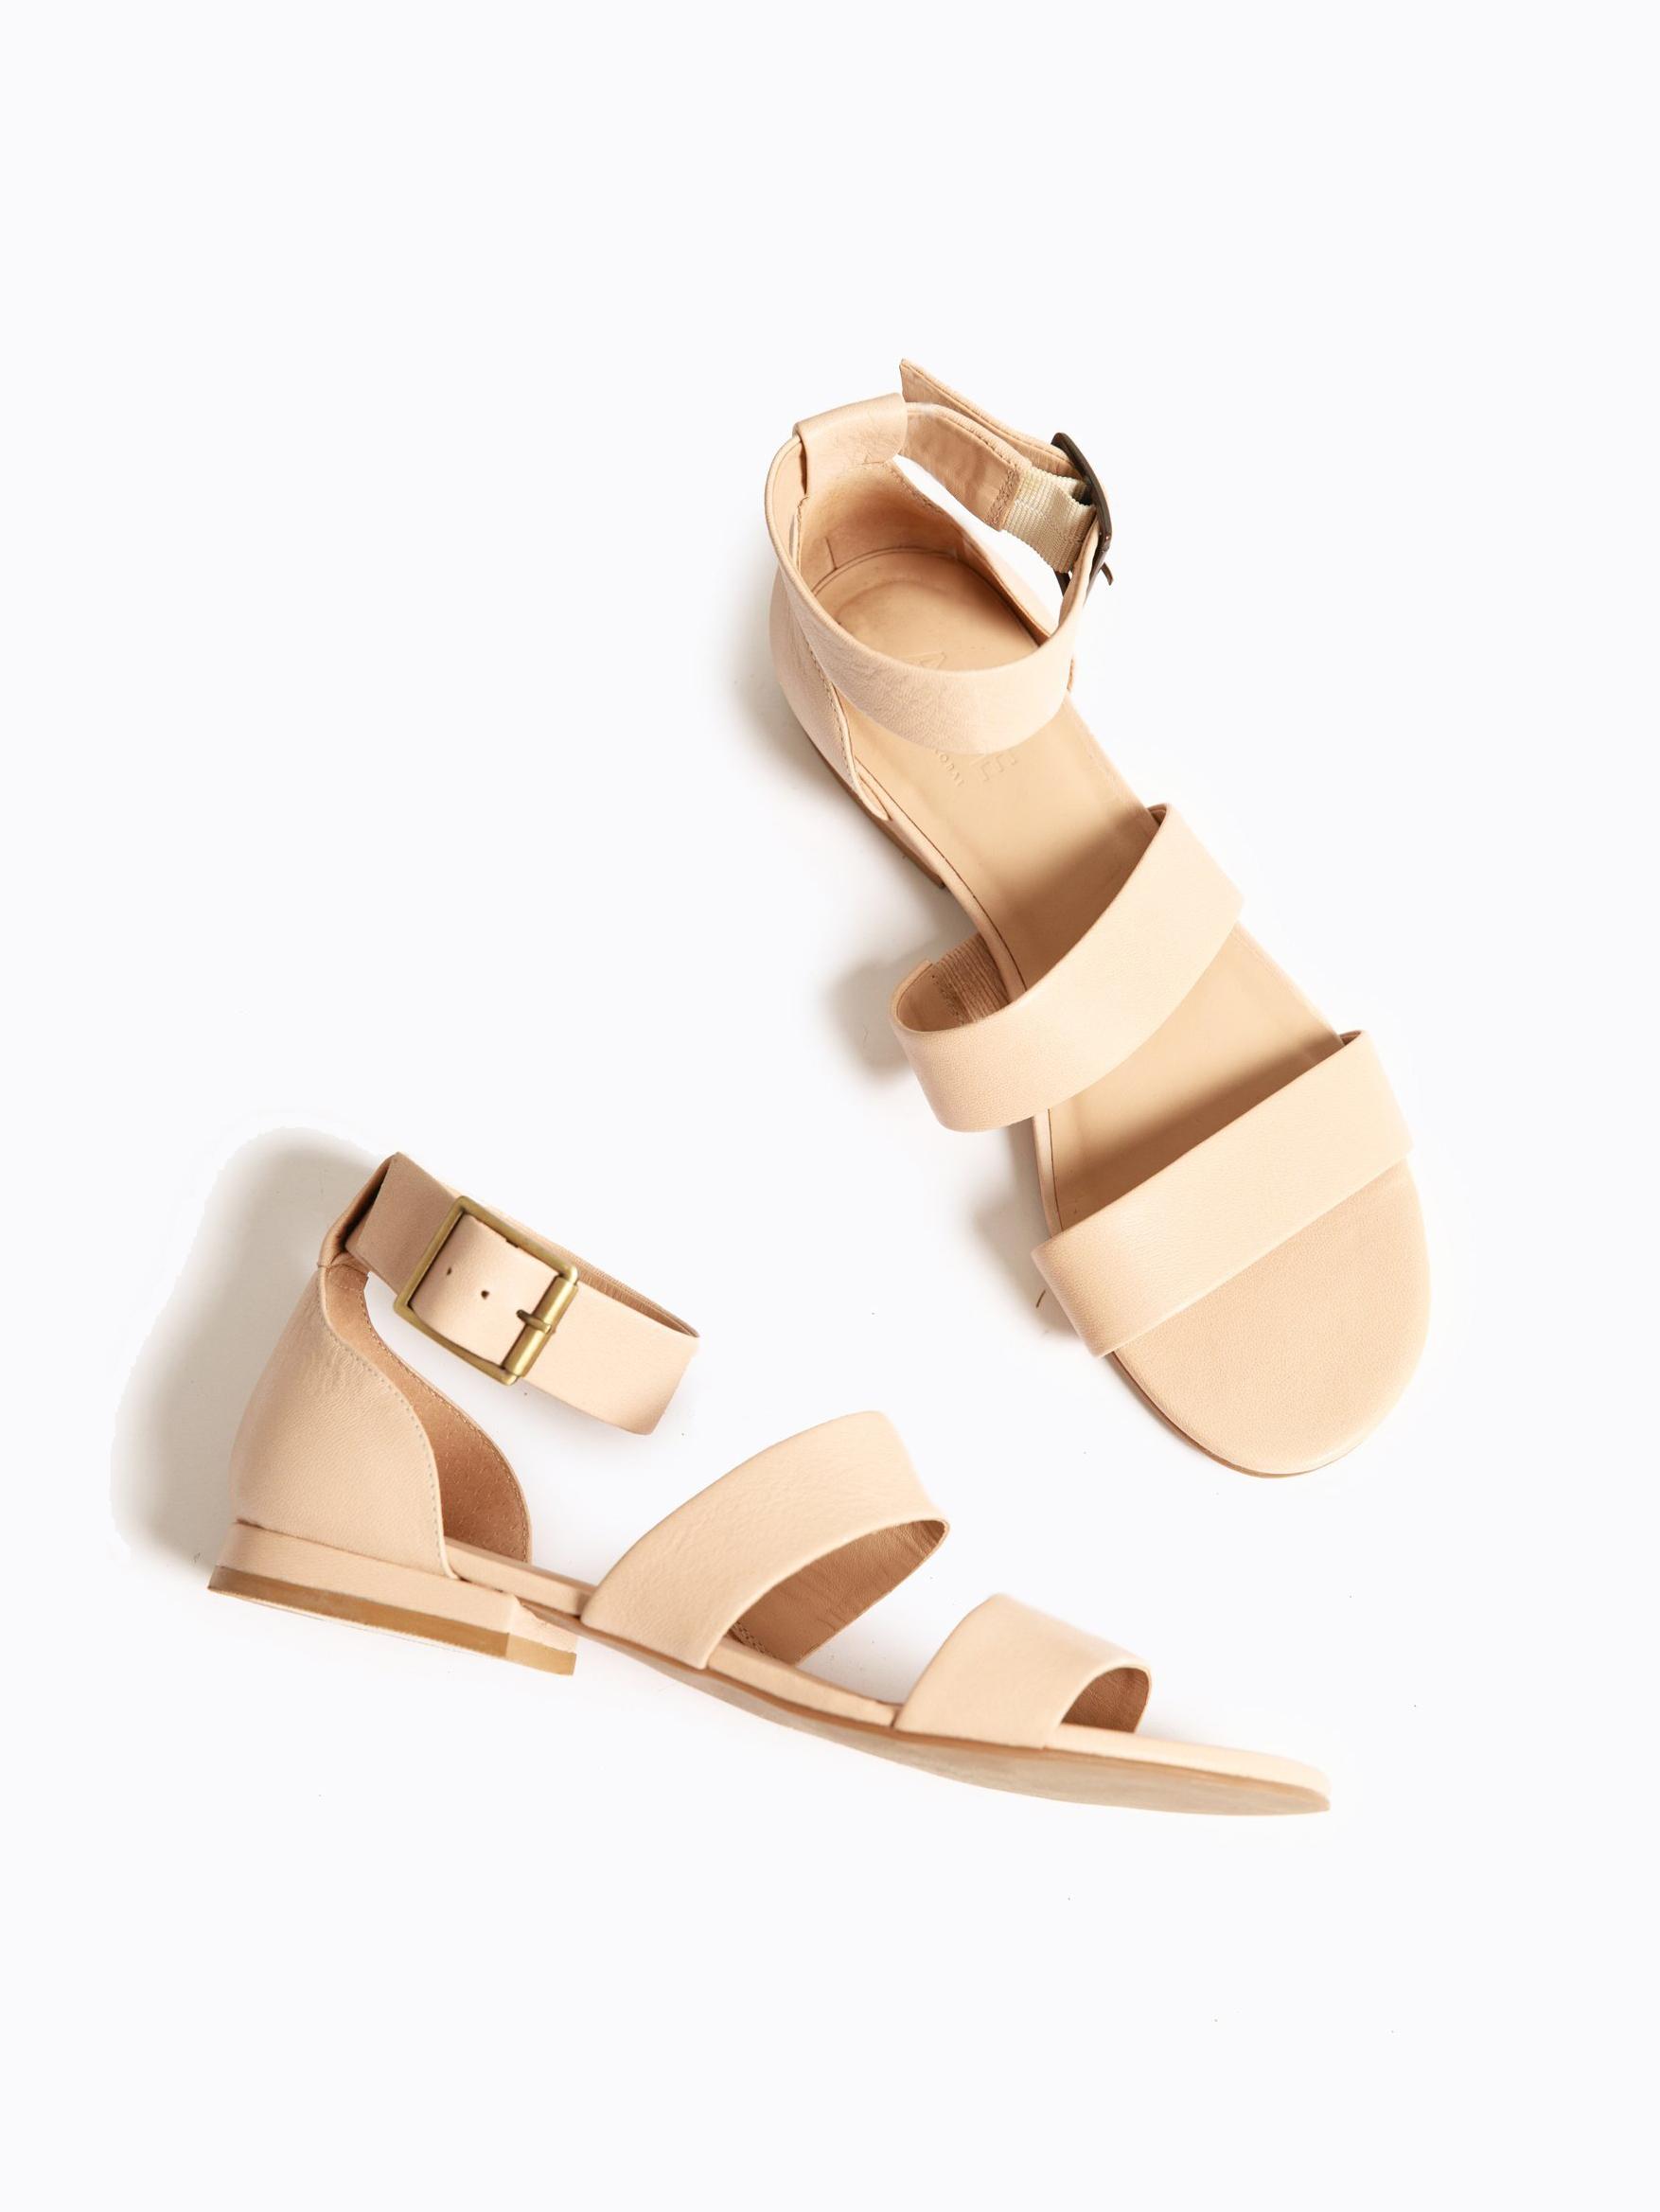 Fair Trade Sandals // ABLE